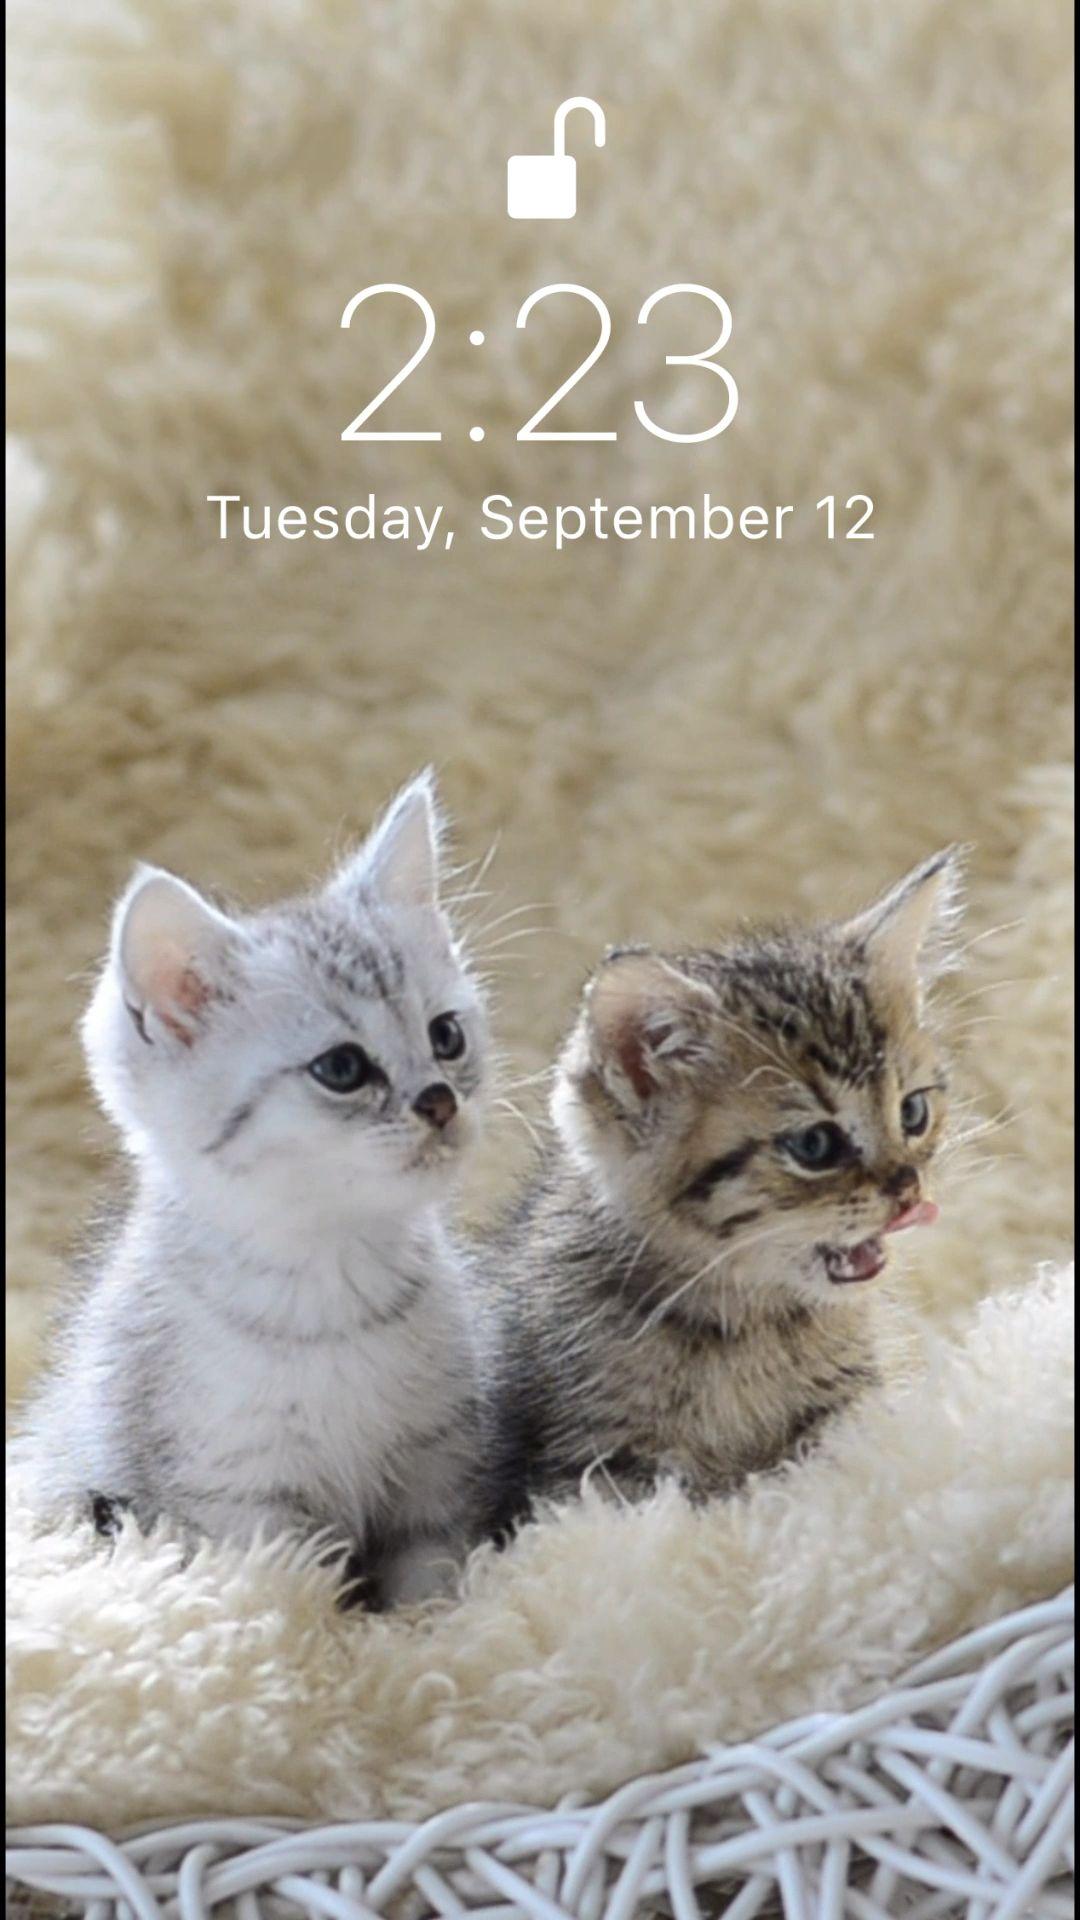 Cute Kitten Wallpaper Video Iphone Wallpaper Cat Kittens Cutest Kitten Wallpaper